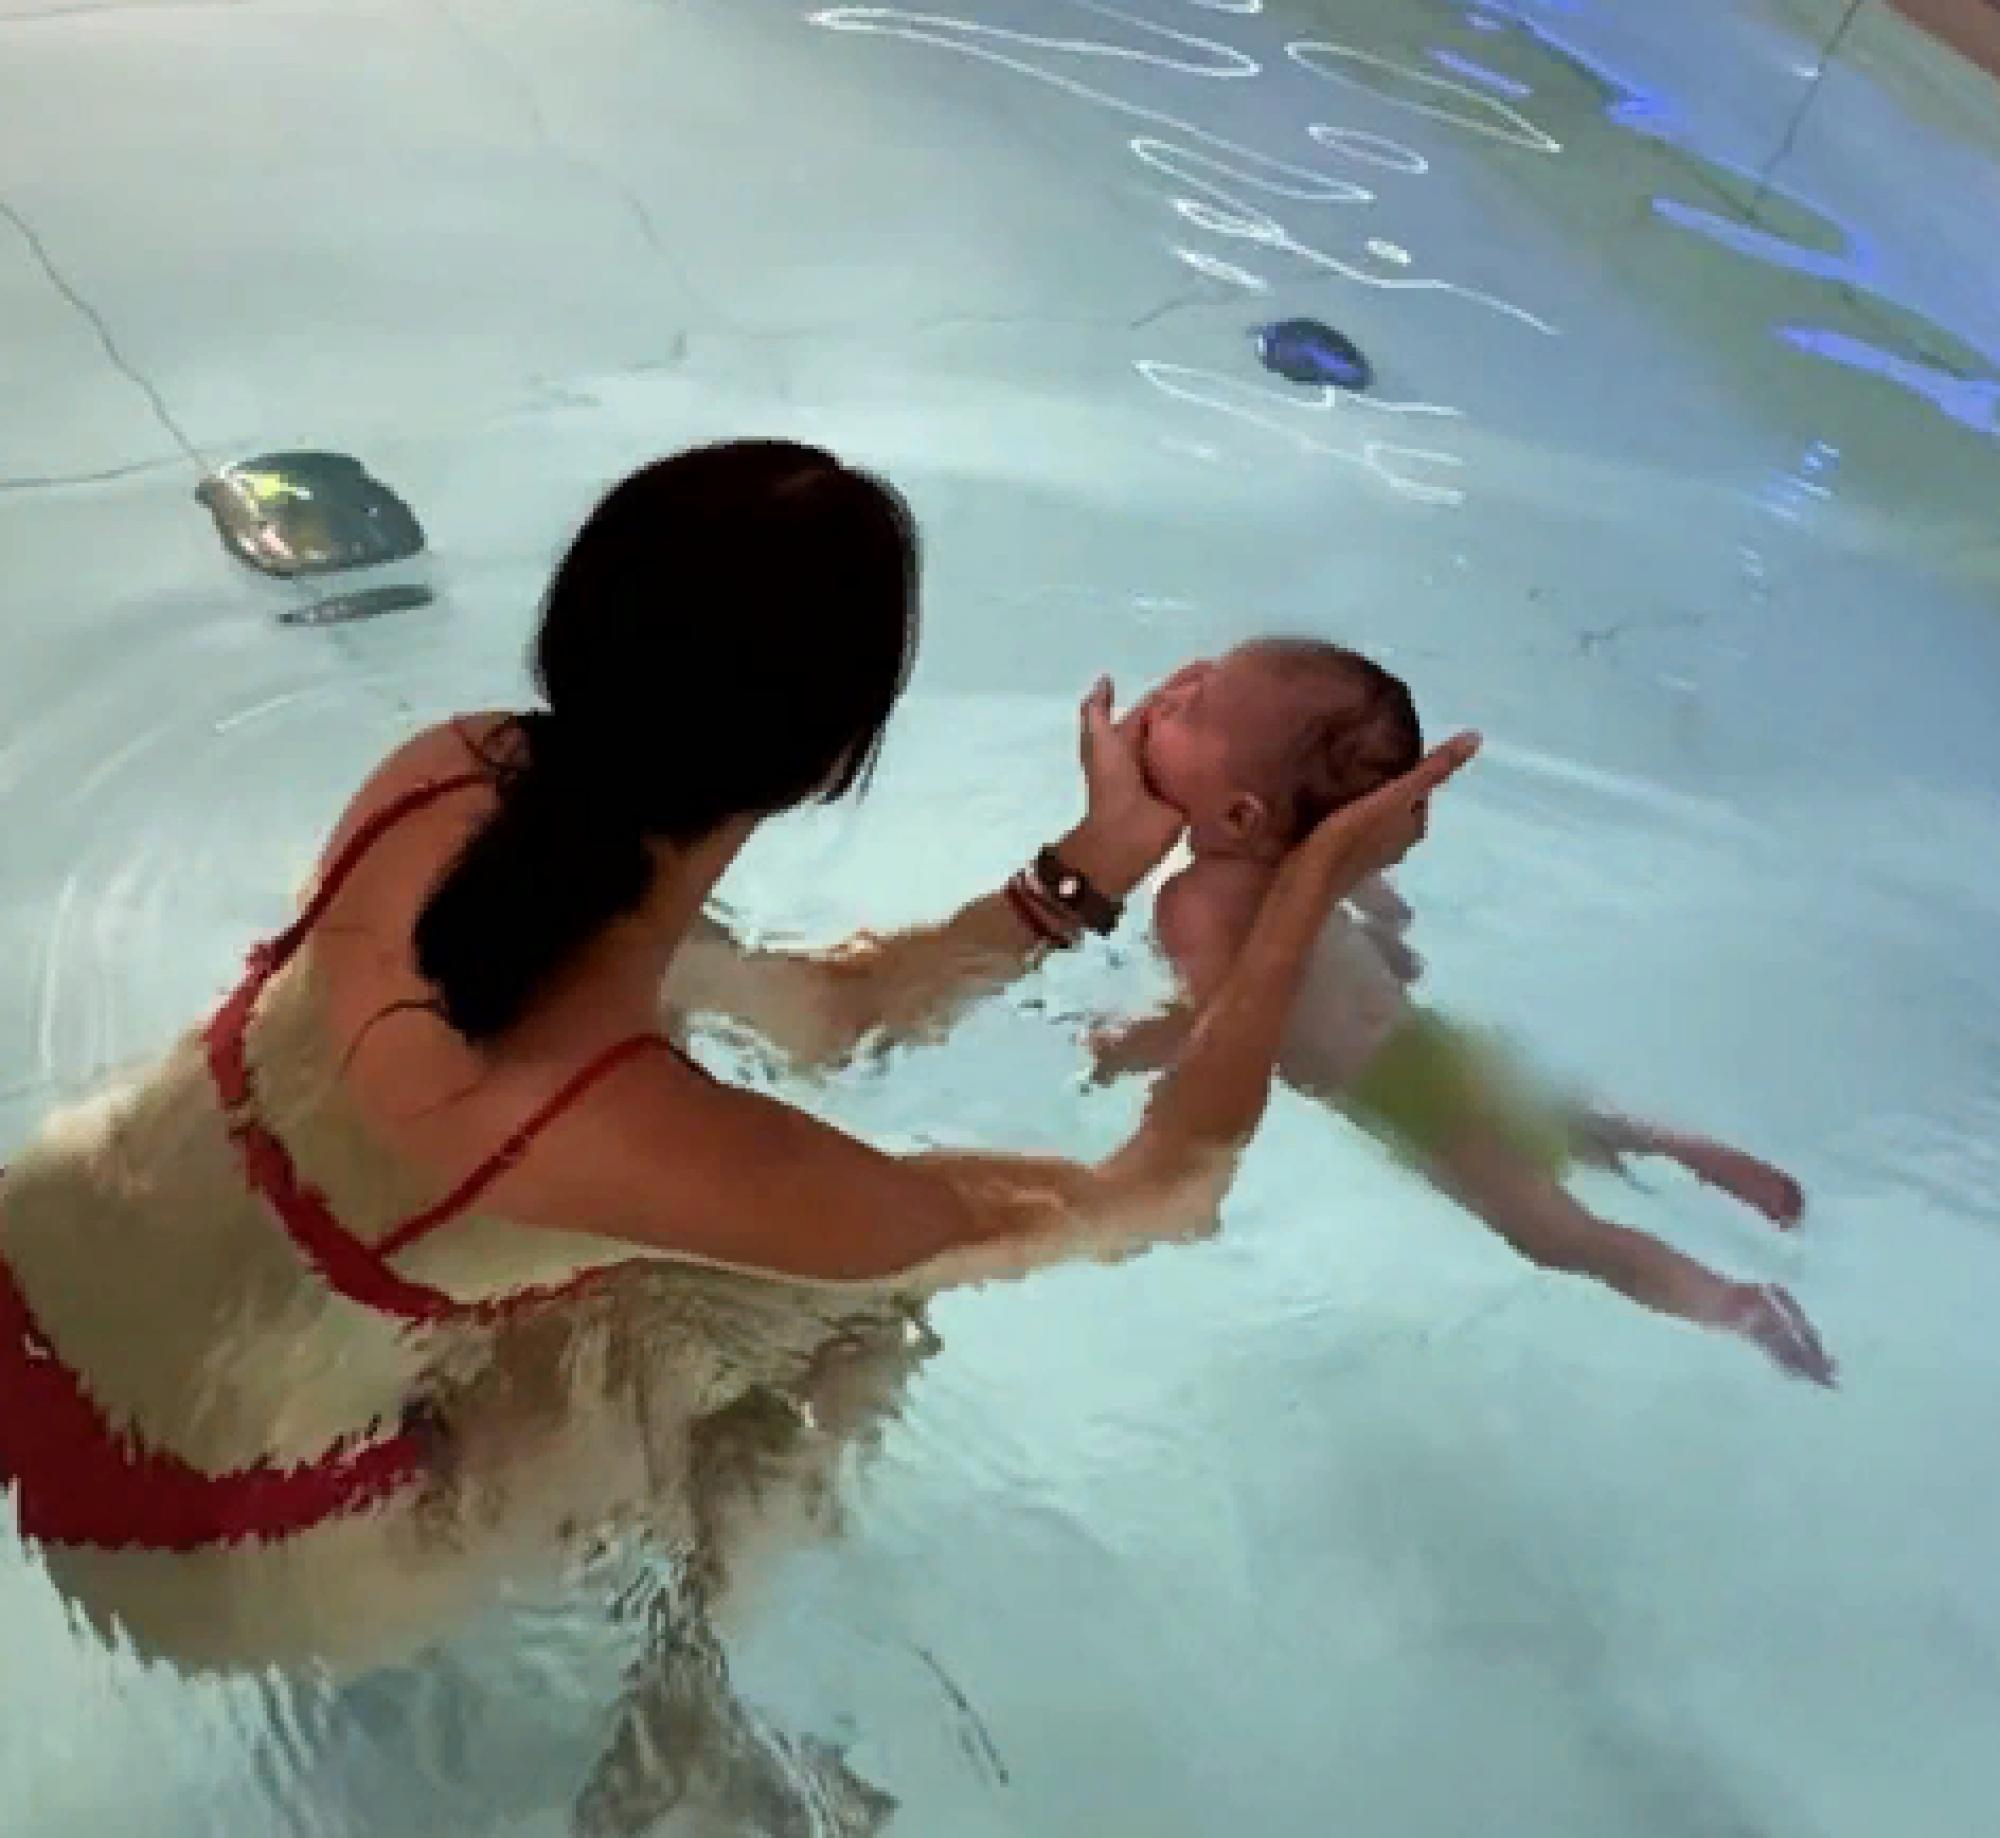 Анастасия Решетова учит трехмесячного сына плавать в бассейне